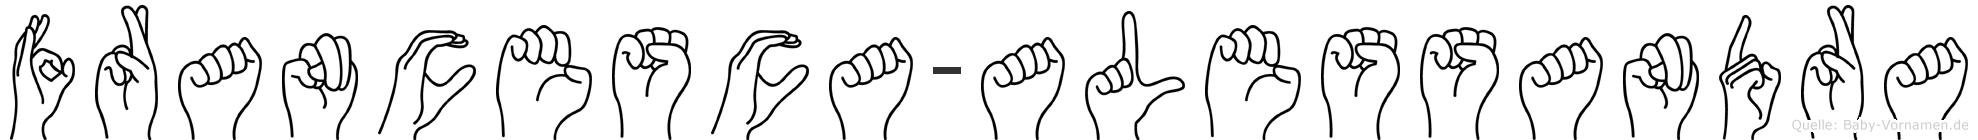 Francesca-Alessandra im Fingeralphabet der Deutschen Gebärdensprache